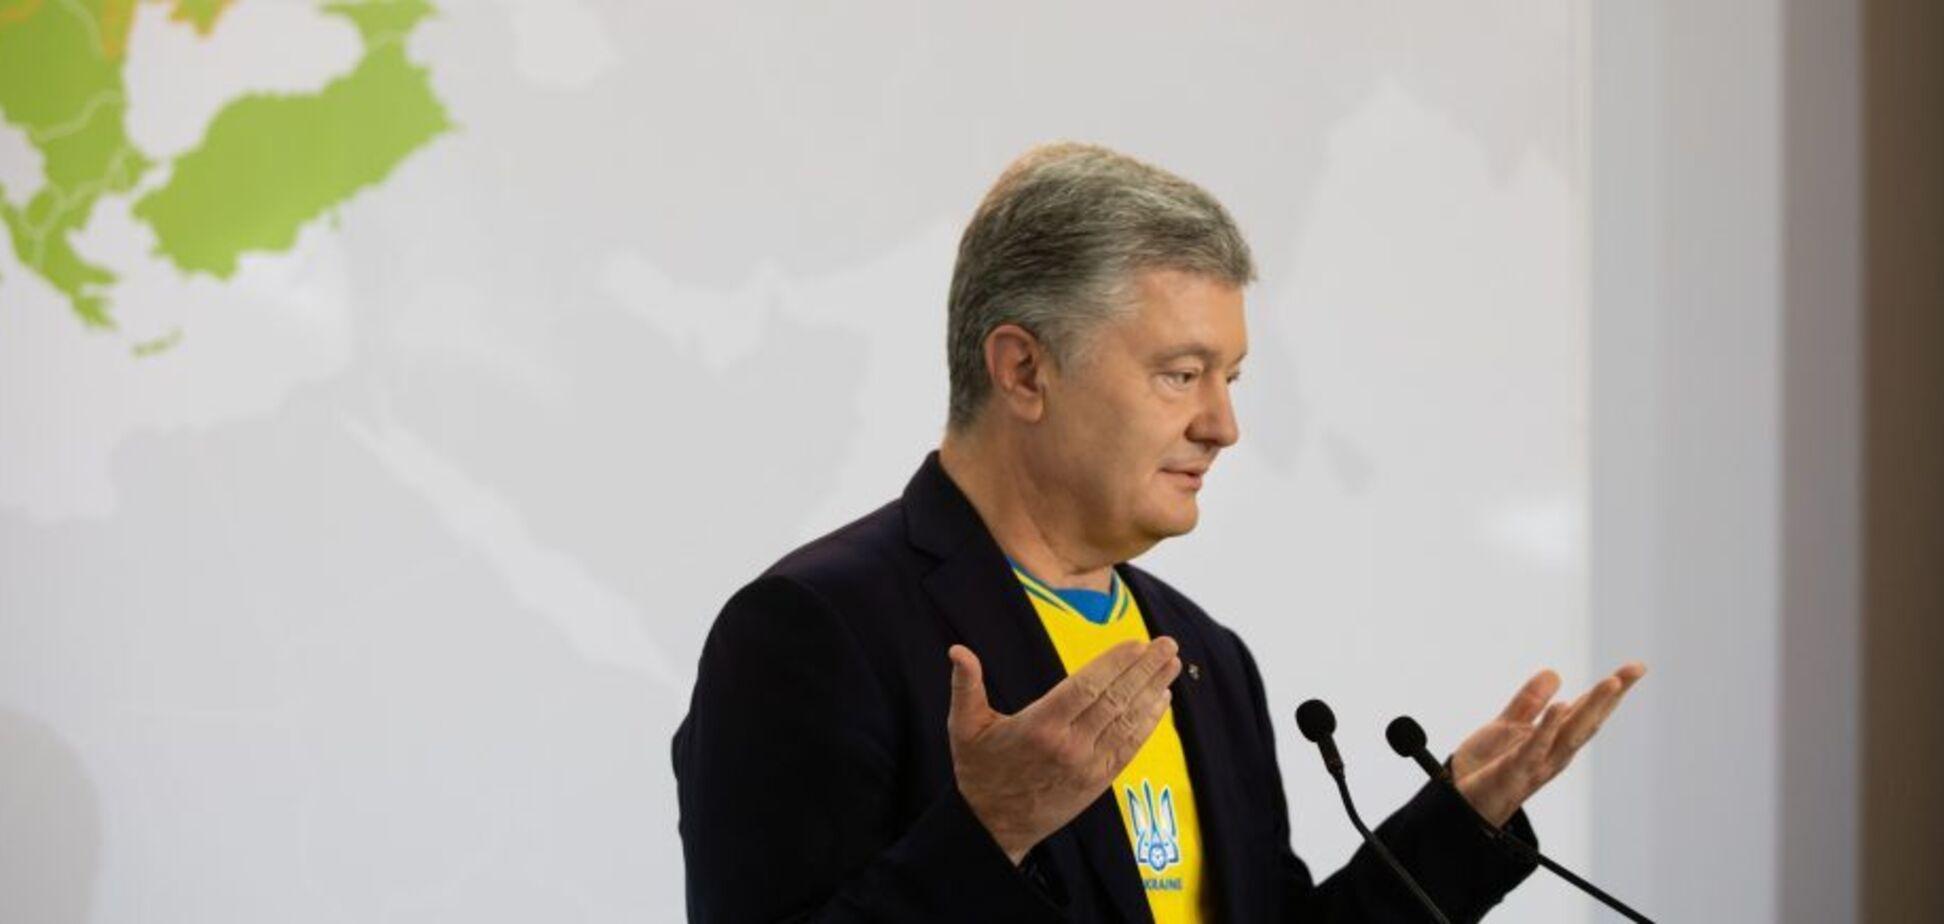 Порошенко рассказал, как в 2014 году ездил на саммит ЕС без приглашения: тогда были введены санкции против РФ